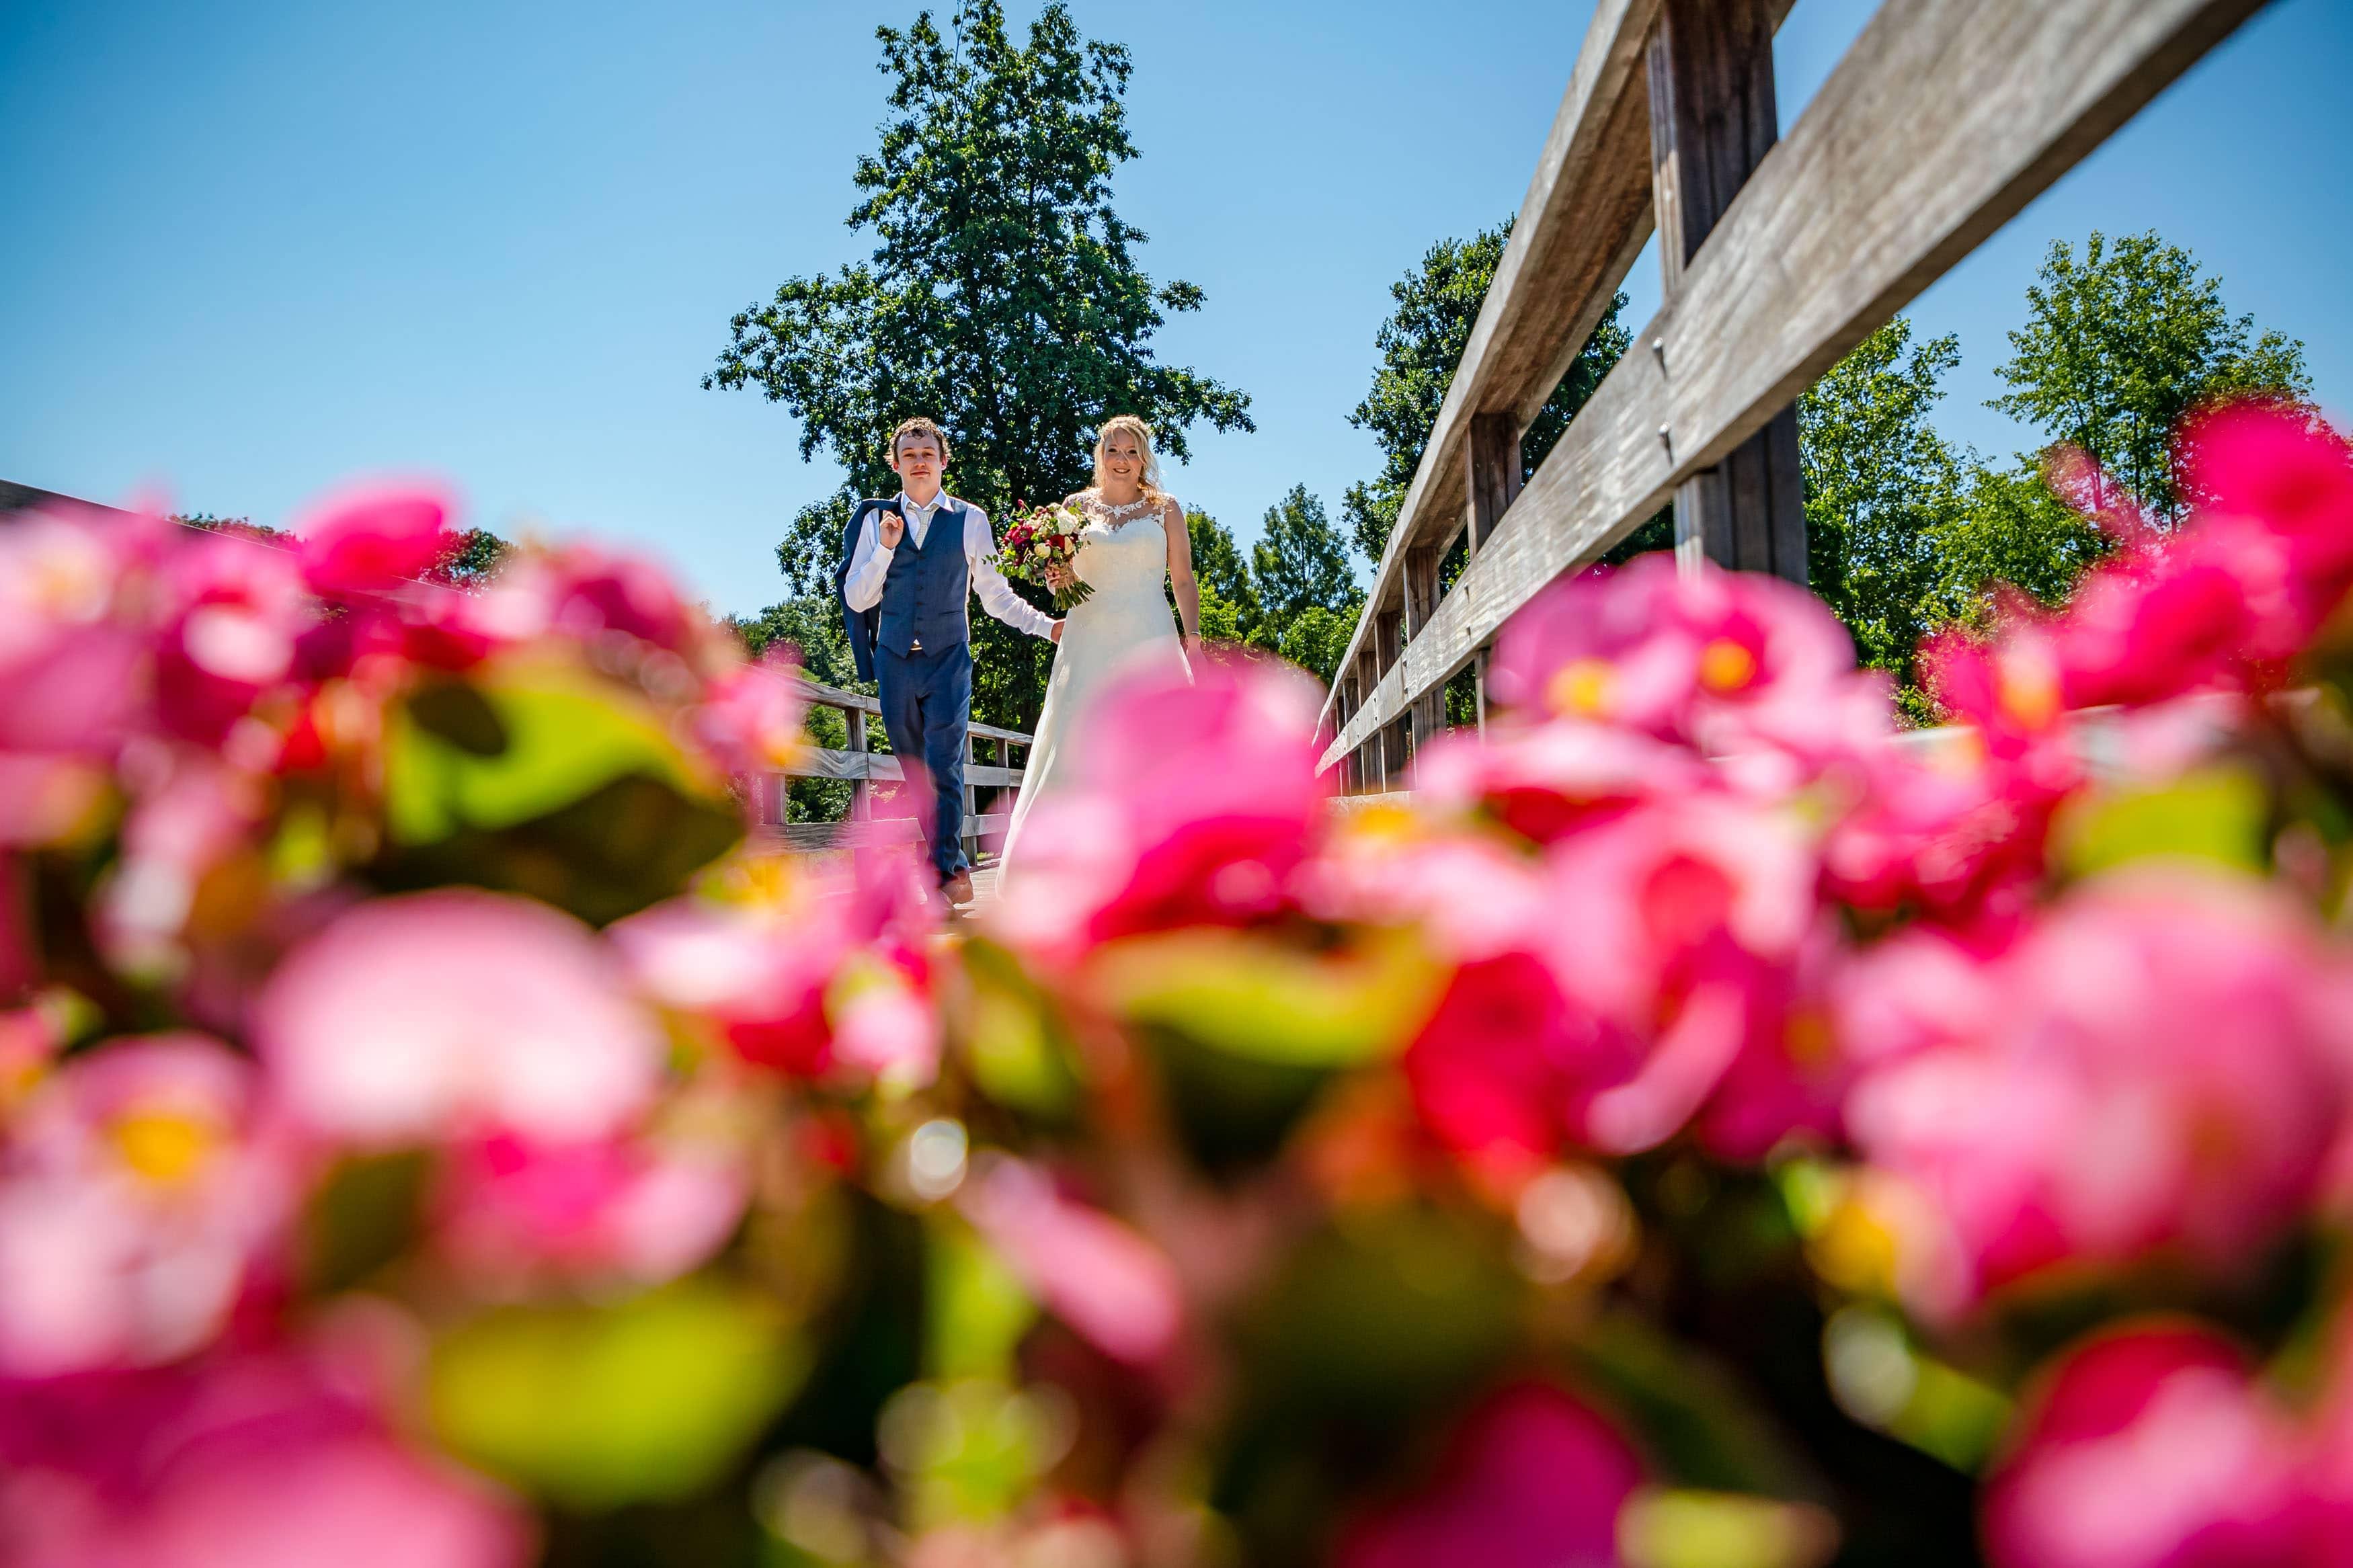 Bruidsfotograaf Helden van Kien Sint-Oedenrode